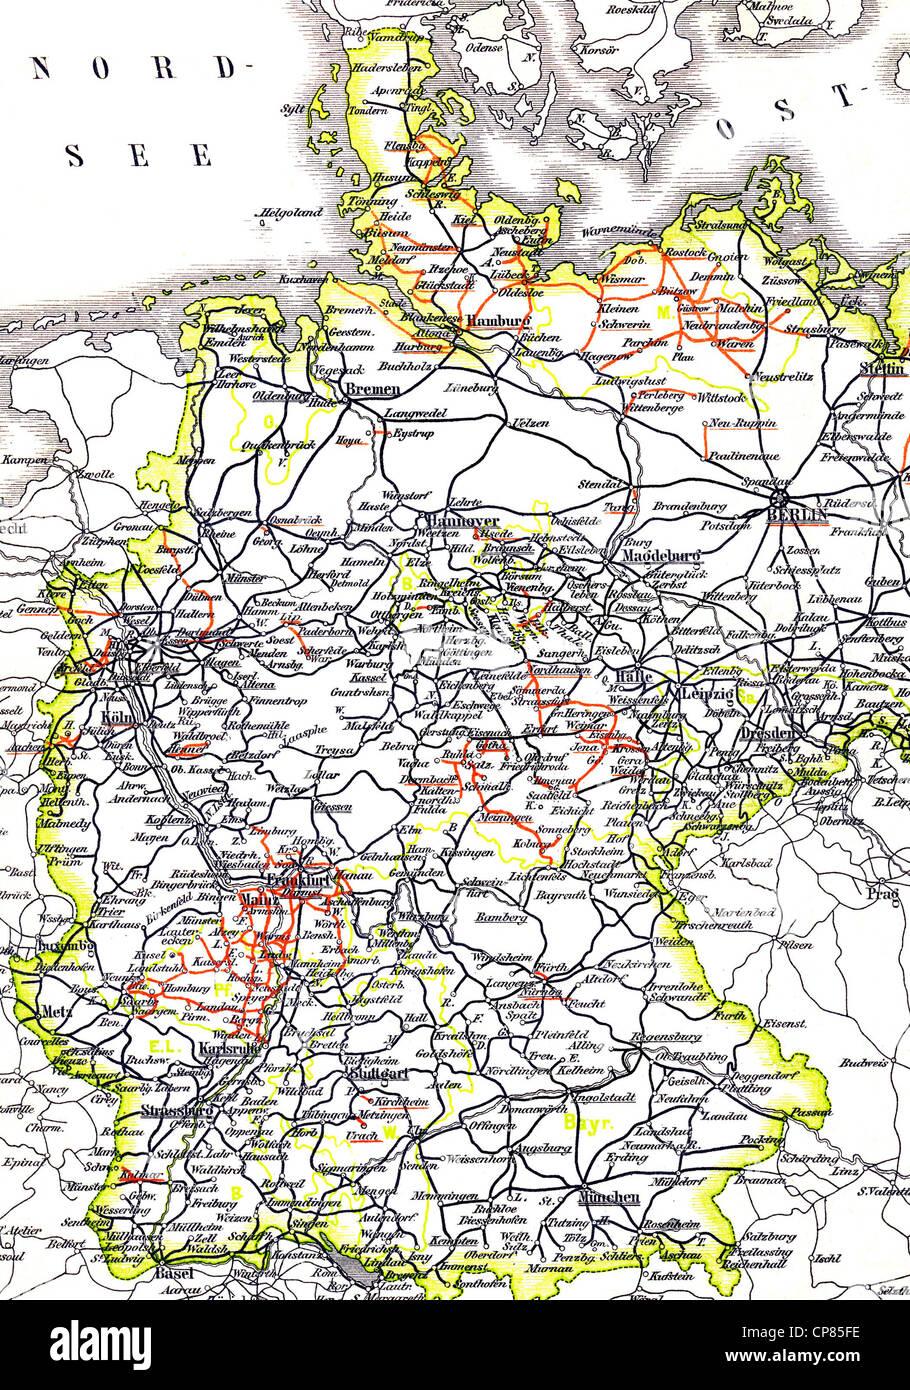 Map, marked state railways marked black, private railways marked red, 1886, Germany, Europe, Landkarte mit eingezeichneten - Stock Image